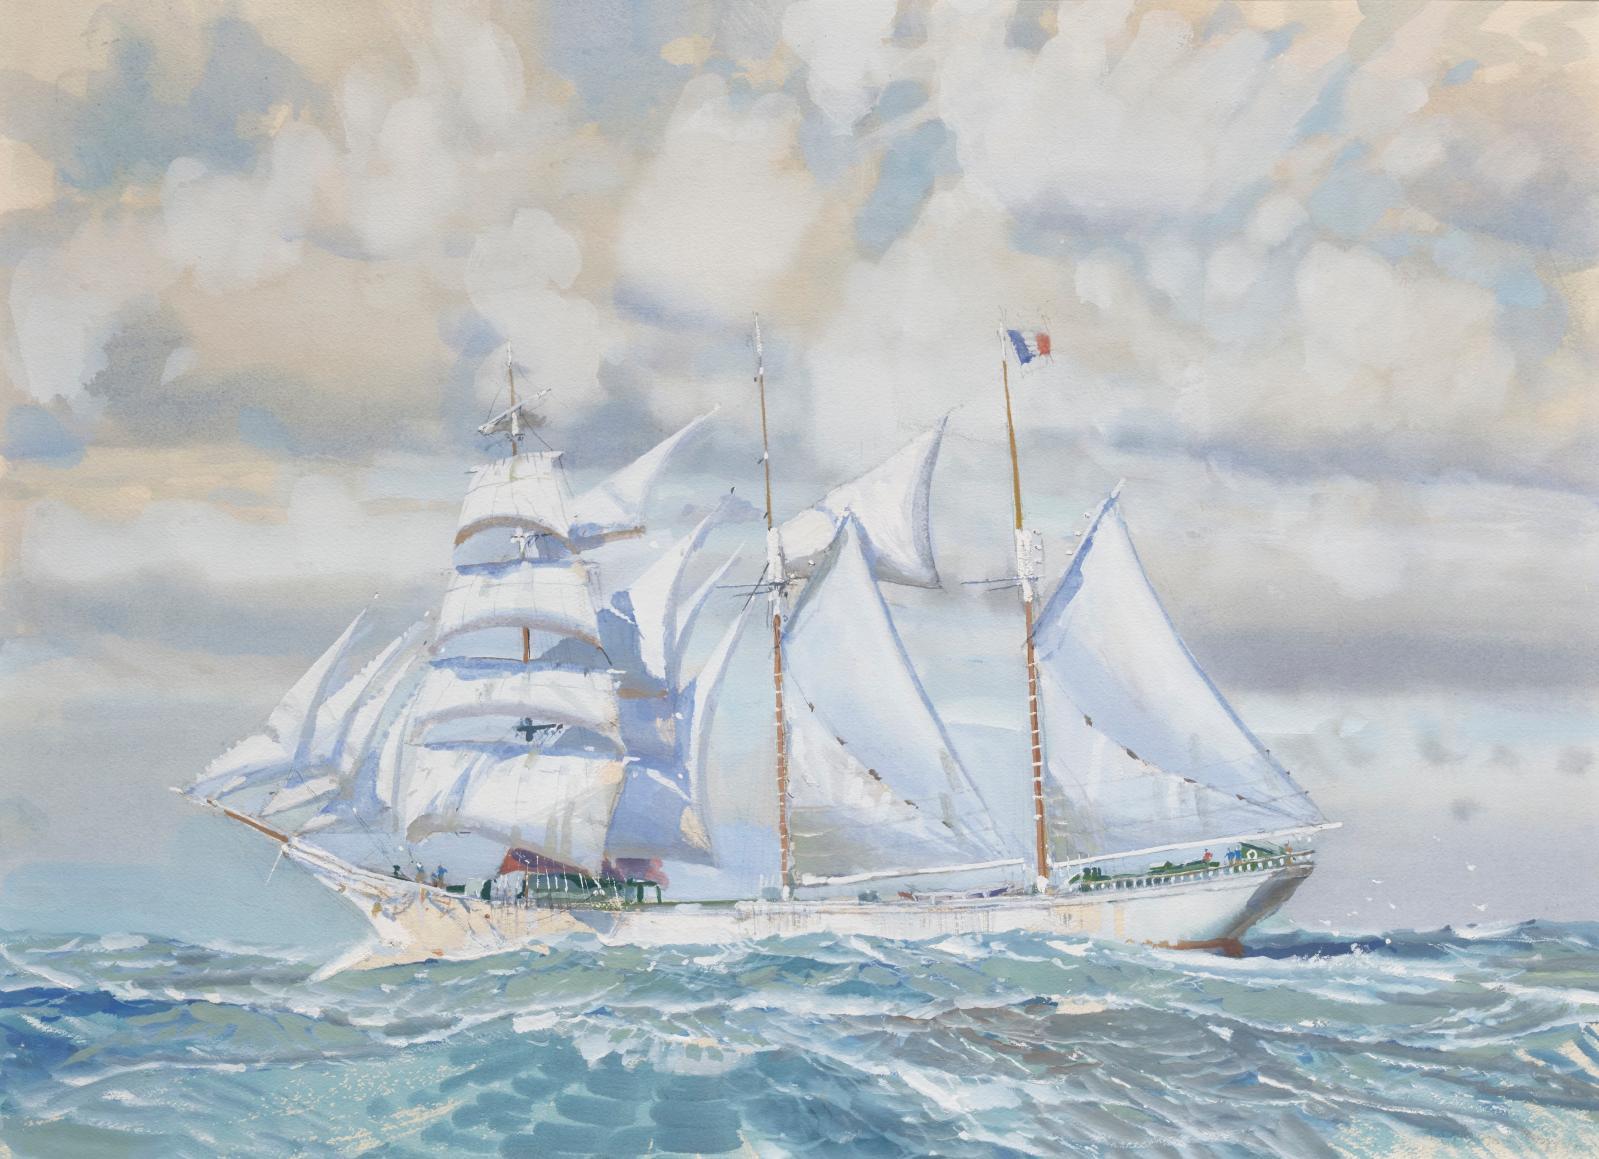 Marin-Marie (1901-1987), Trois-Mâts barque sur mer formée, aquarelle gouachée, 52x72cm (détail). Estimation: 20000/30000€